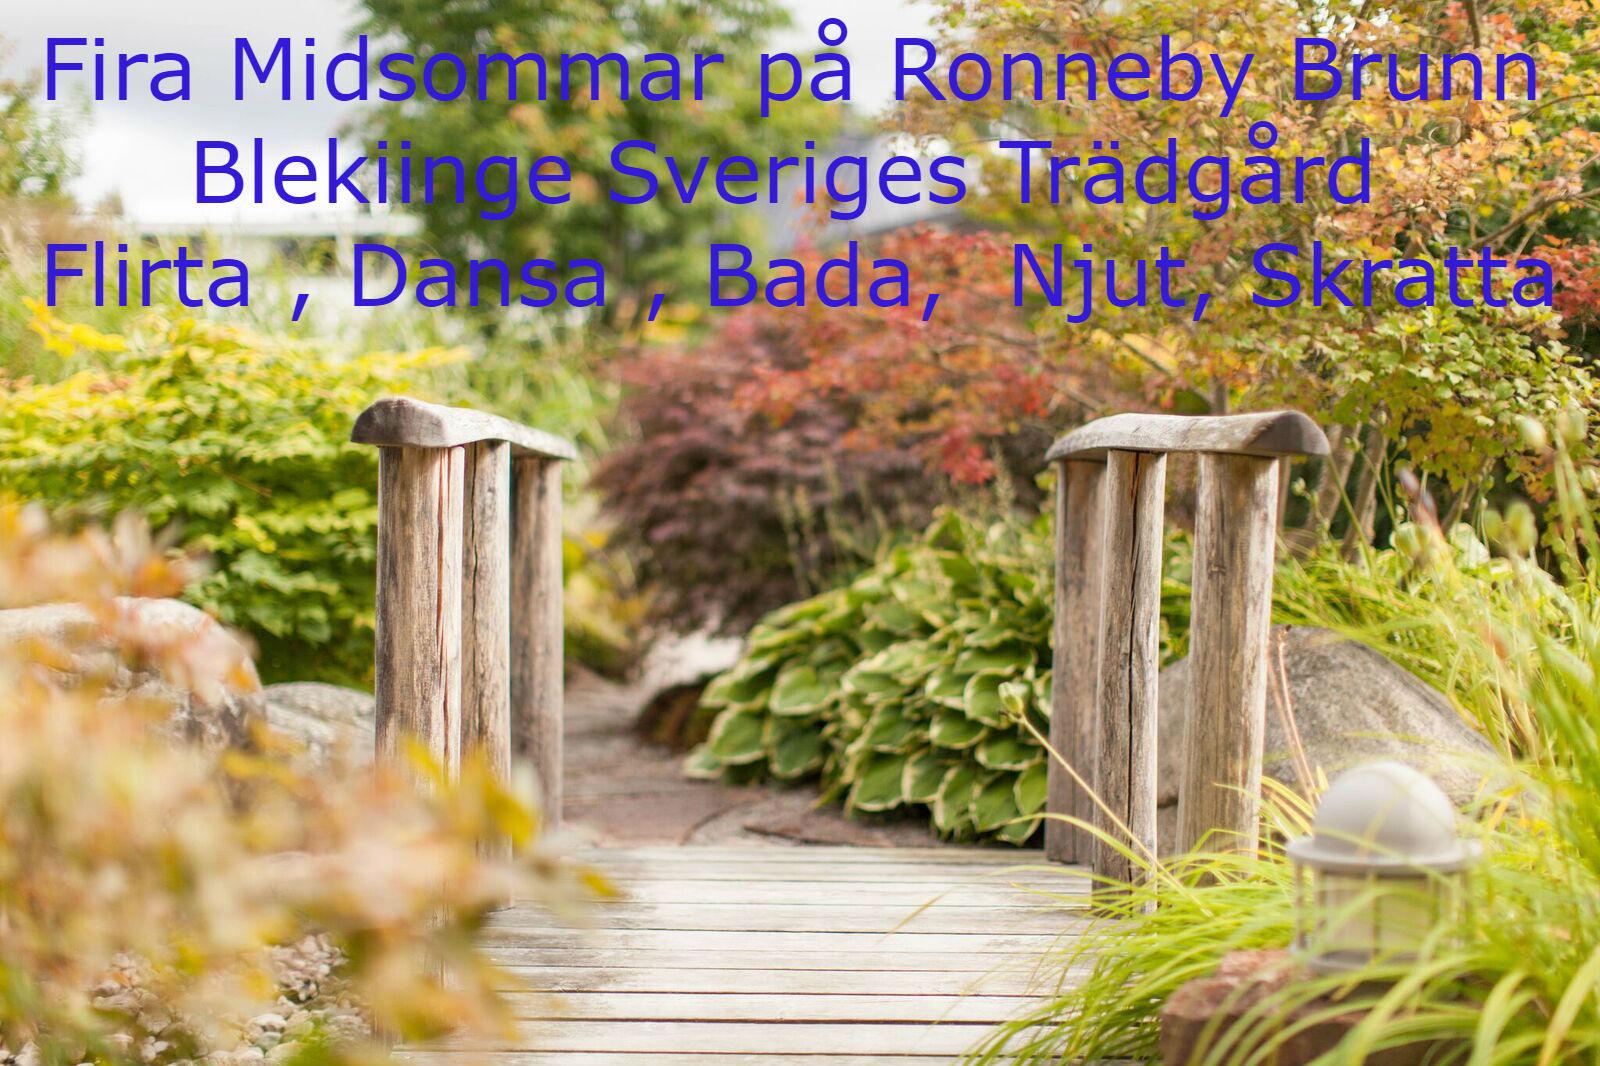 Birgitta Bengtsson, stra Bjrkvgen 87, Tingsryd | omr-scanner.net